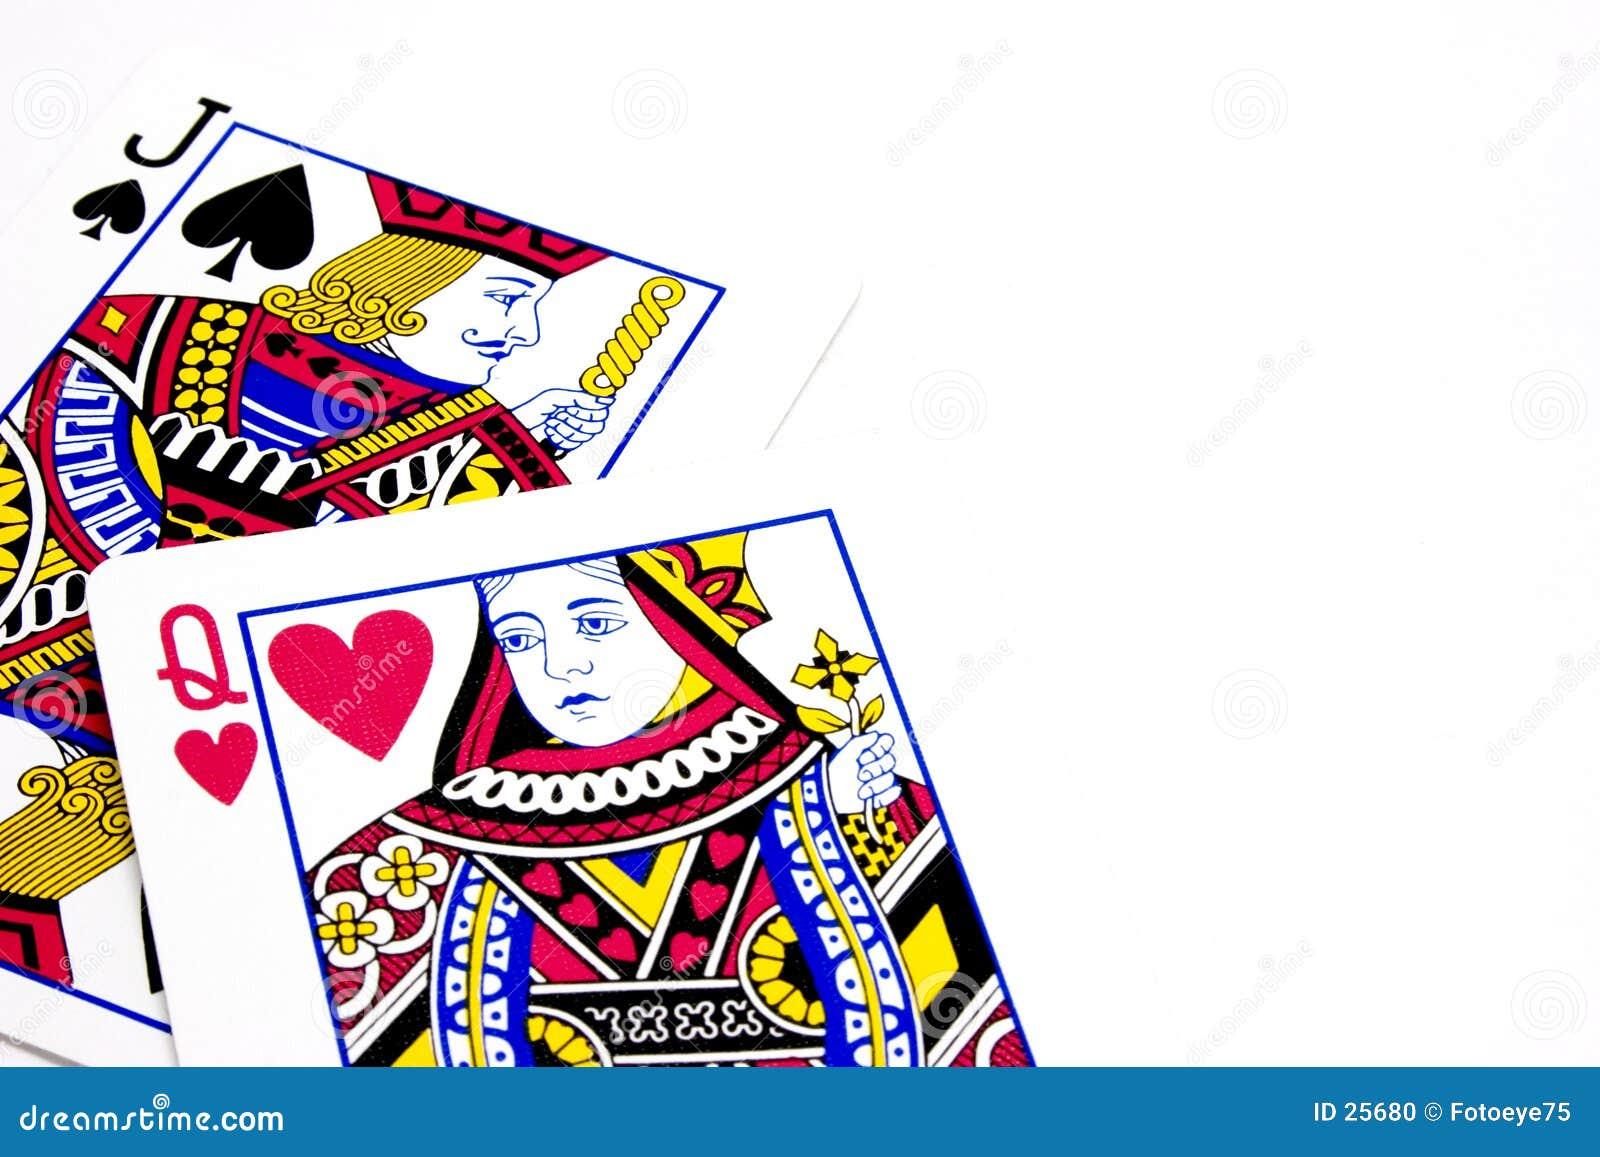 Queen of hearts ...Ten Of Spades